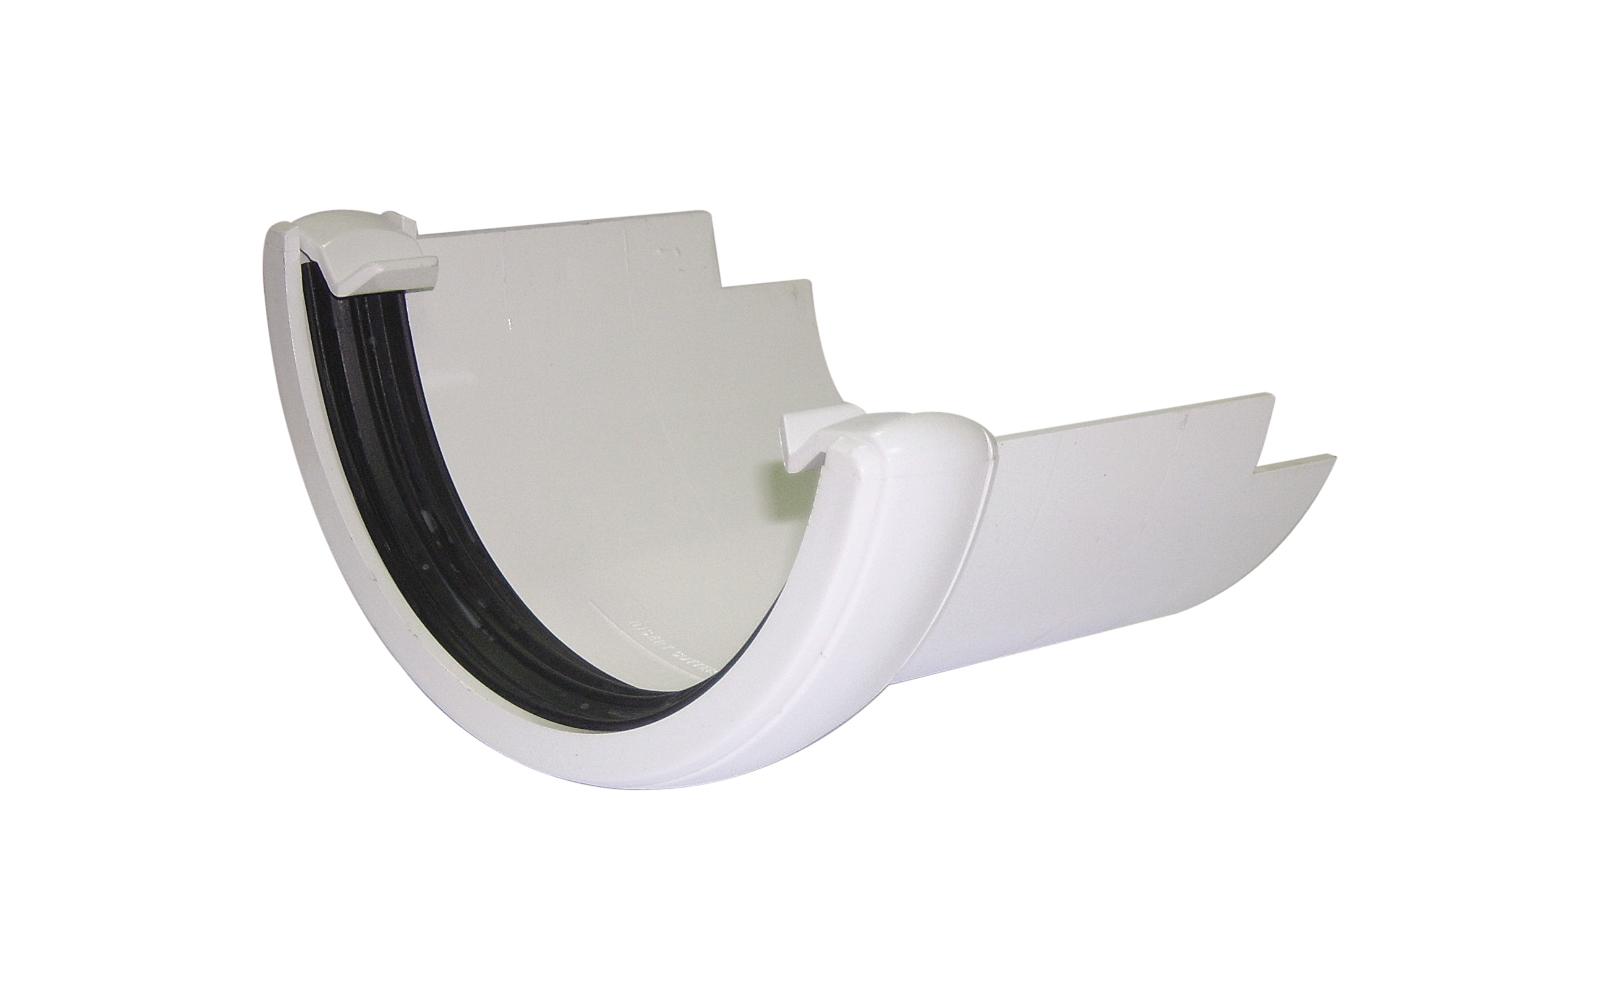 FLOPLAST HALF ROUND GUTTER - RD5 CAST IRON ADAPTOR - WHITE